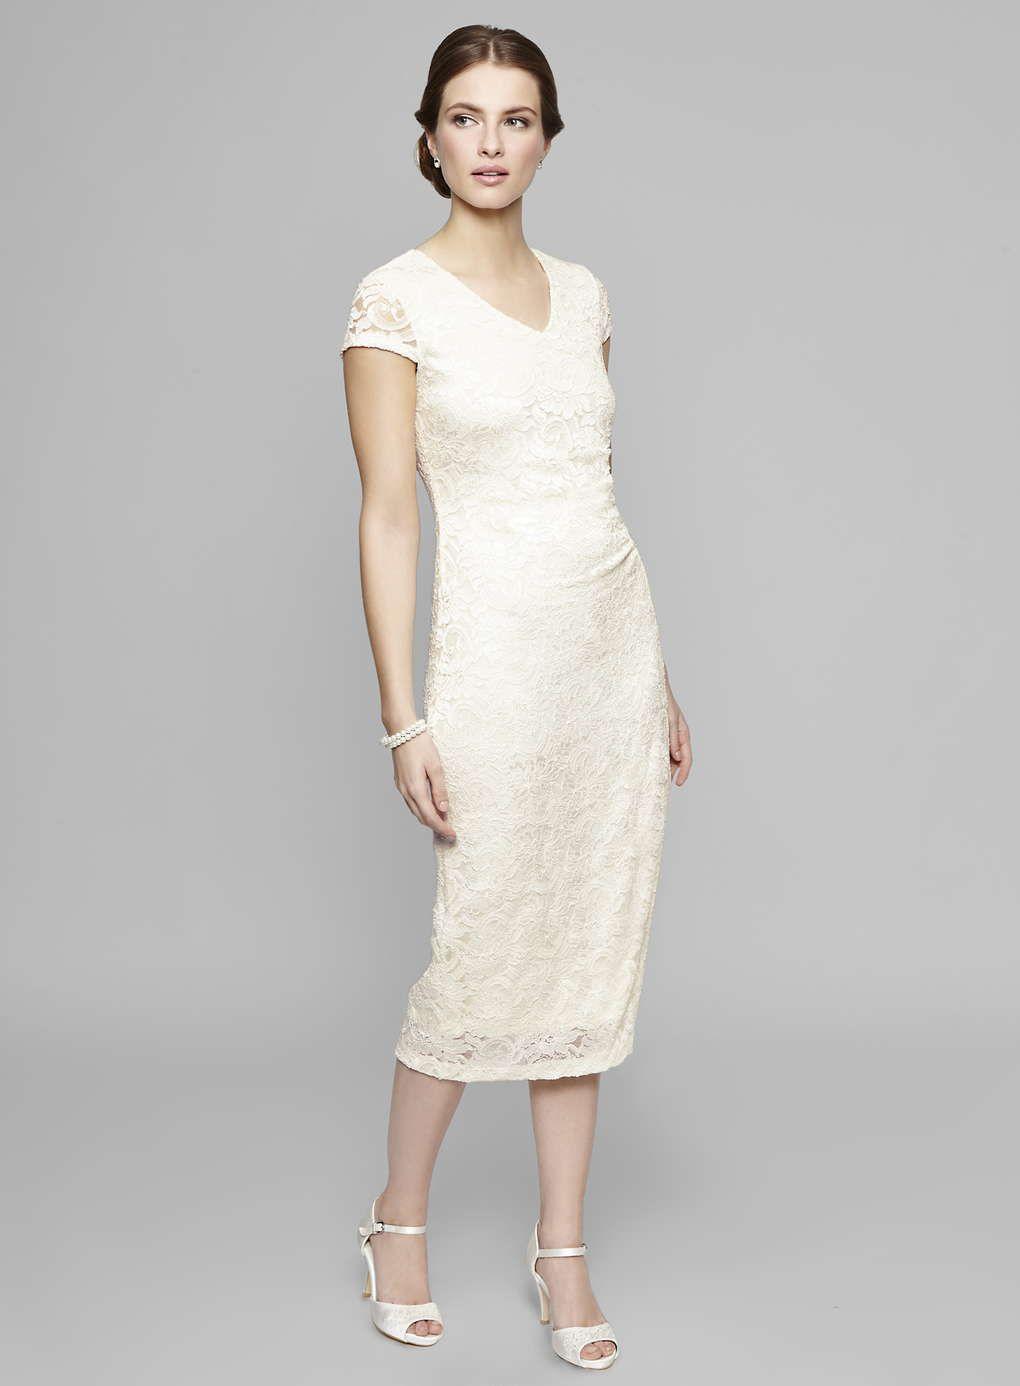 Ivory amelie short wedding dress httpweddingheartbhs ivory amelie short wedding dress httpweddingheart ombrellifo Choice Image